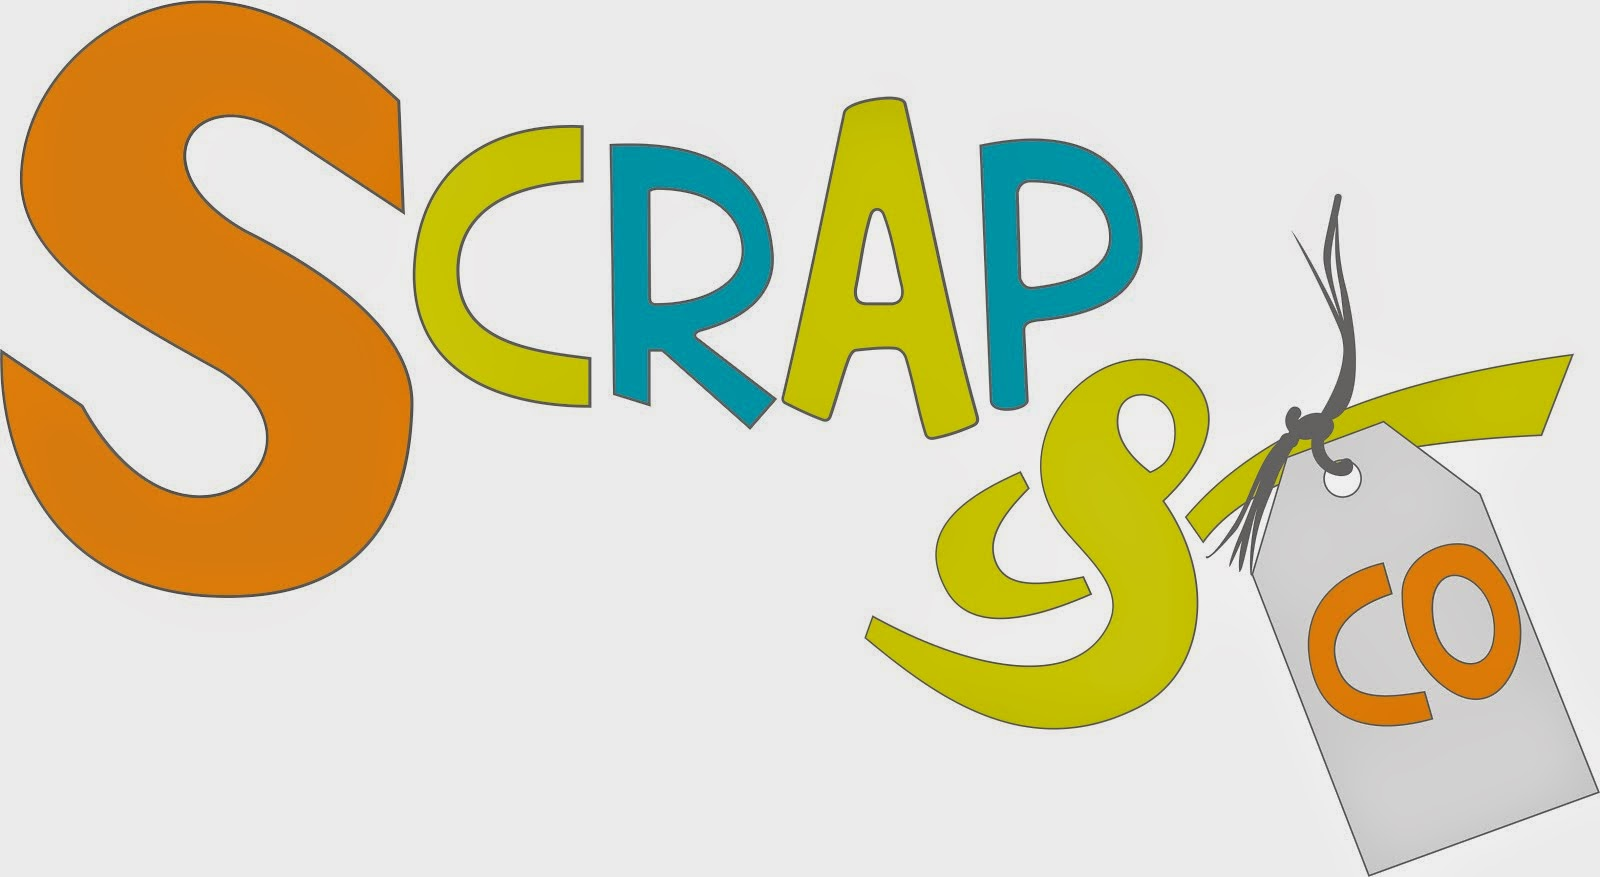 Scrap&Co